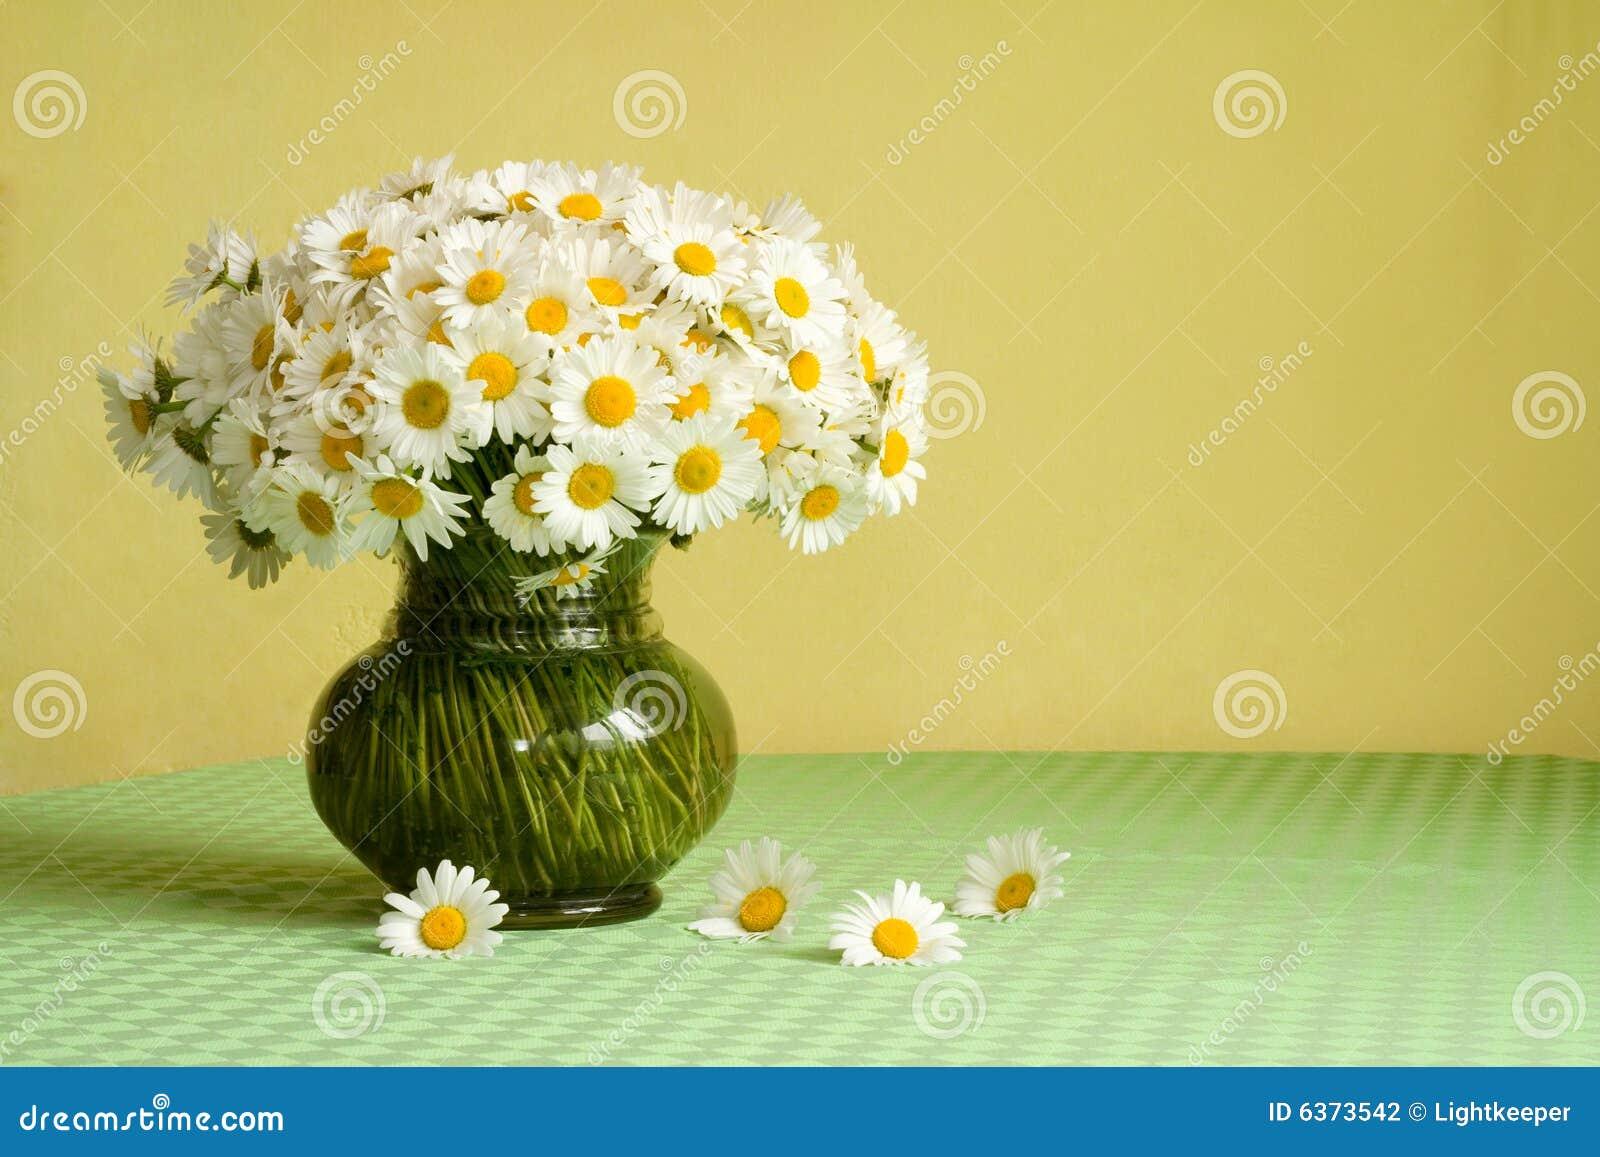 минусы ваза с ромашками картинки стать модератором Ведь